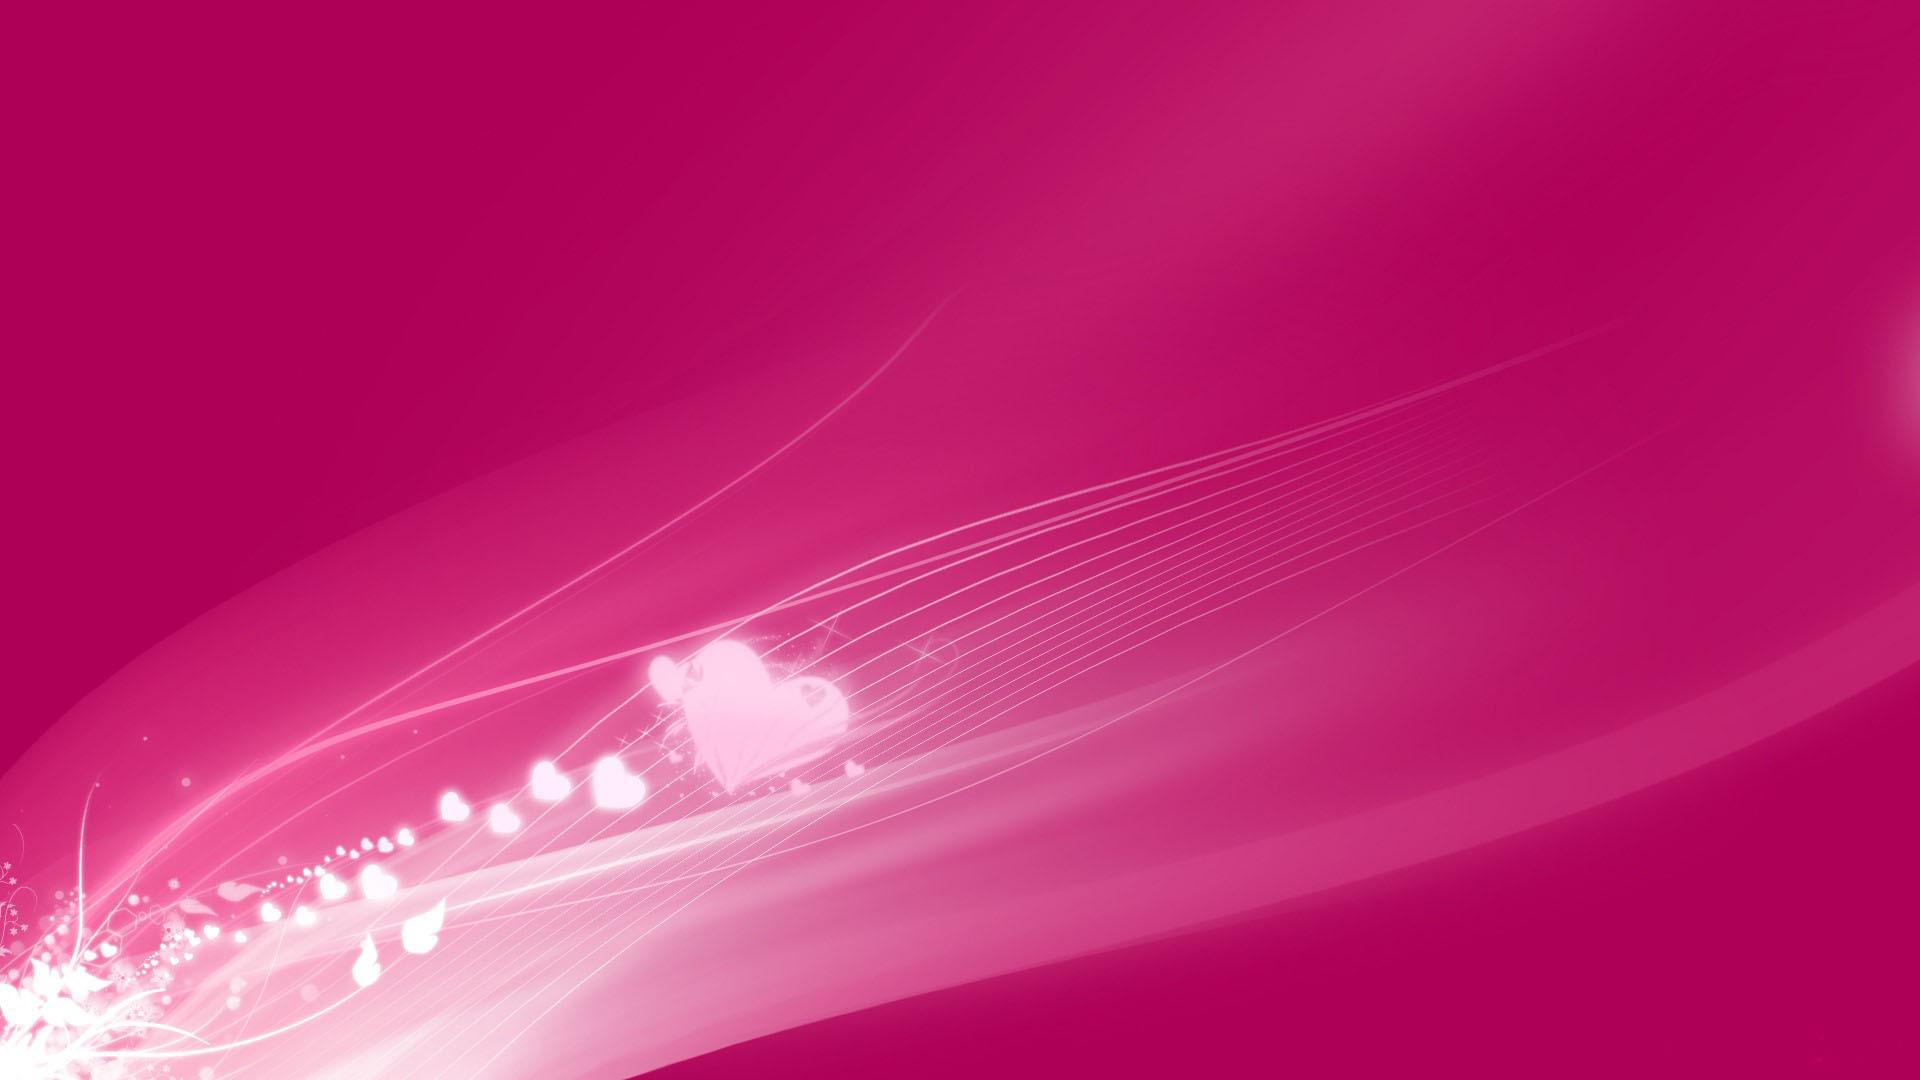 Pink Abstract HD Pics